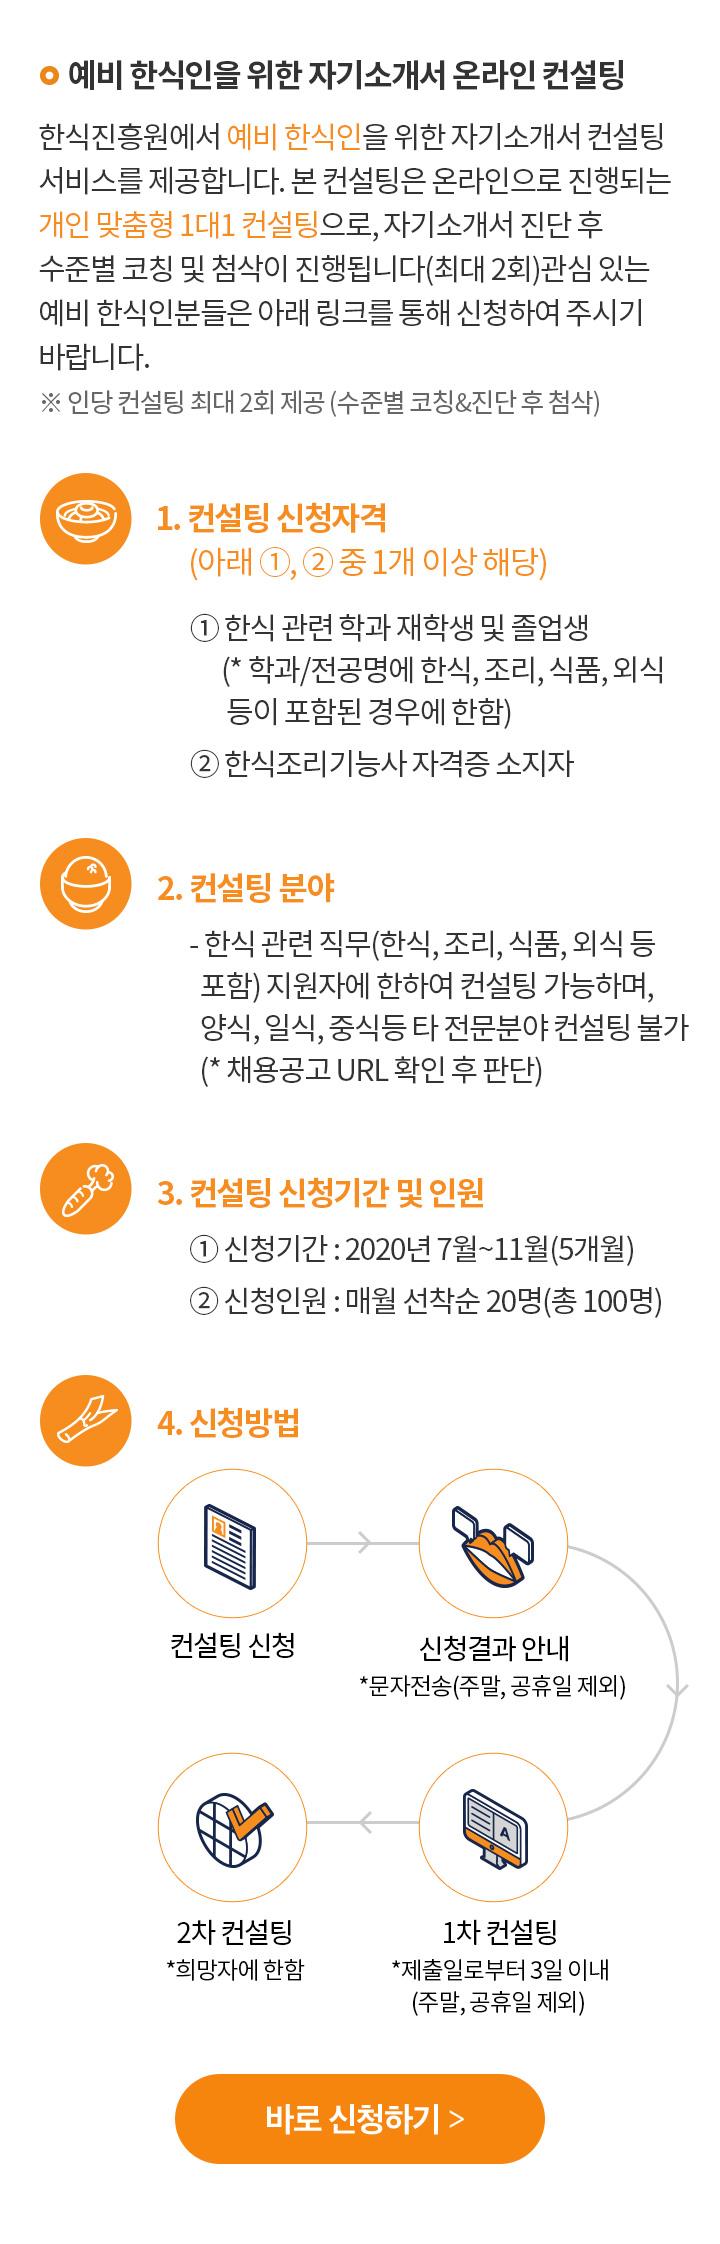 한식진흥원 자기소개서 온라인 컨설팅 상세내용 하단 참조